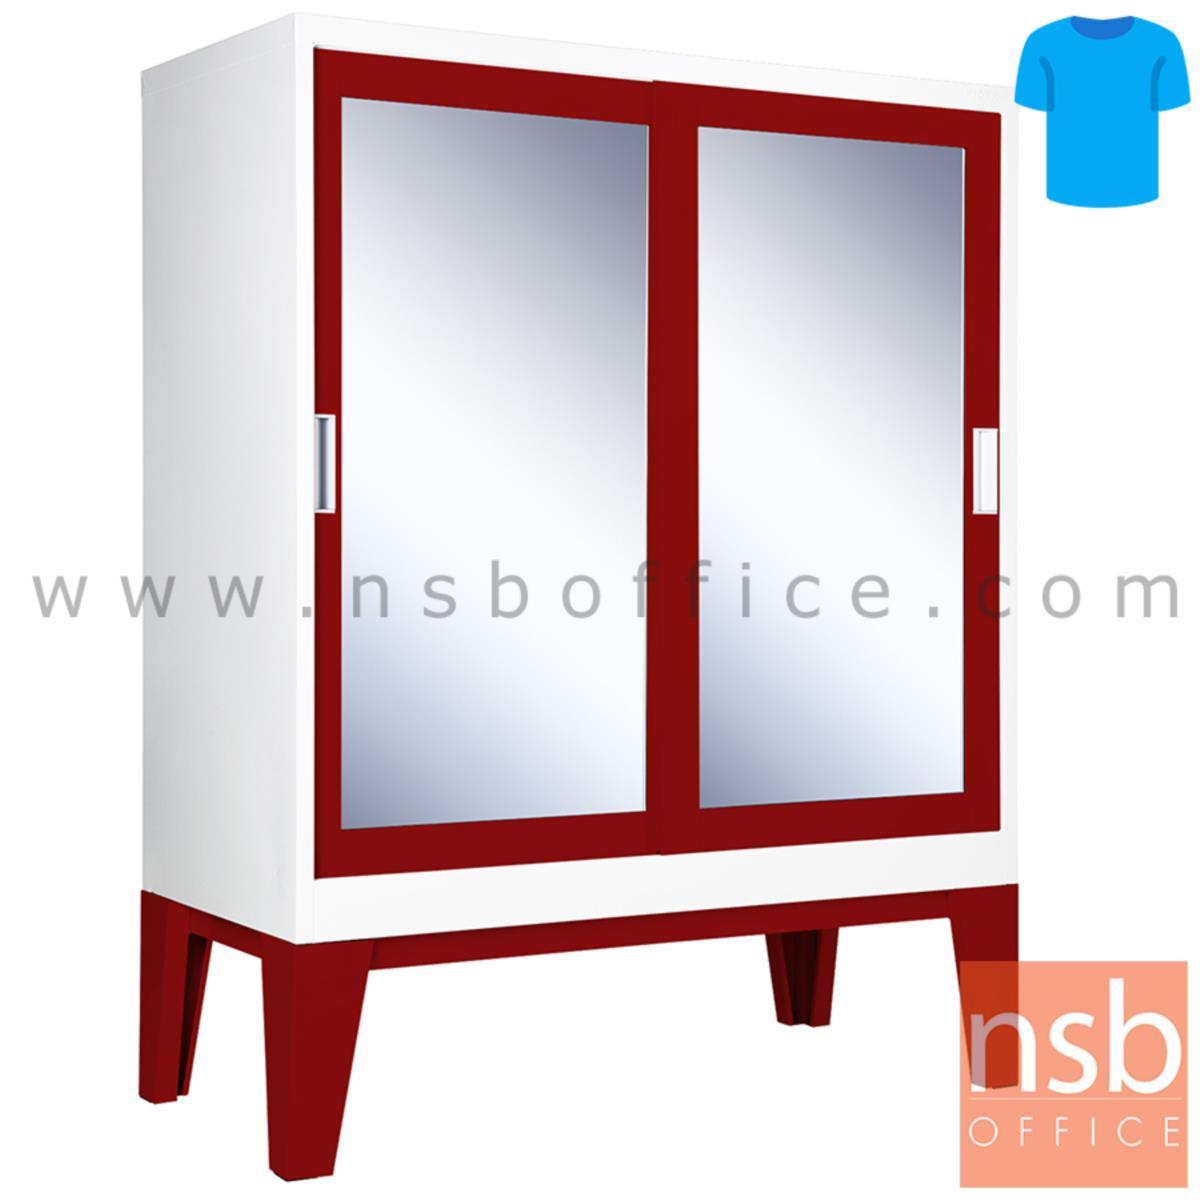 E25A015:ตู้เสื้อผ้า 2 บานเลื่อนกระจกเตี้ย 150H cm. ขาลอย รุ่น WD-03